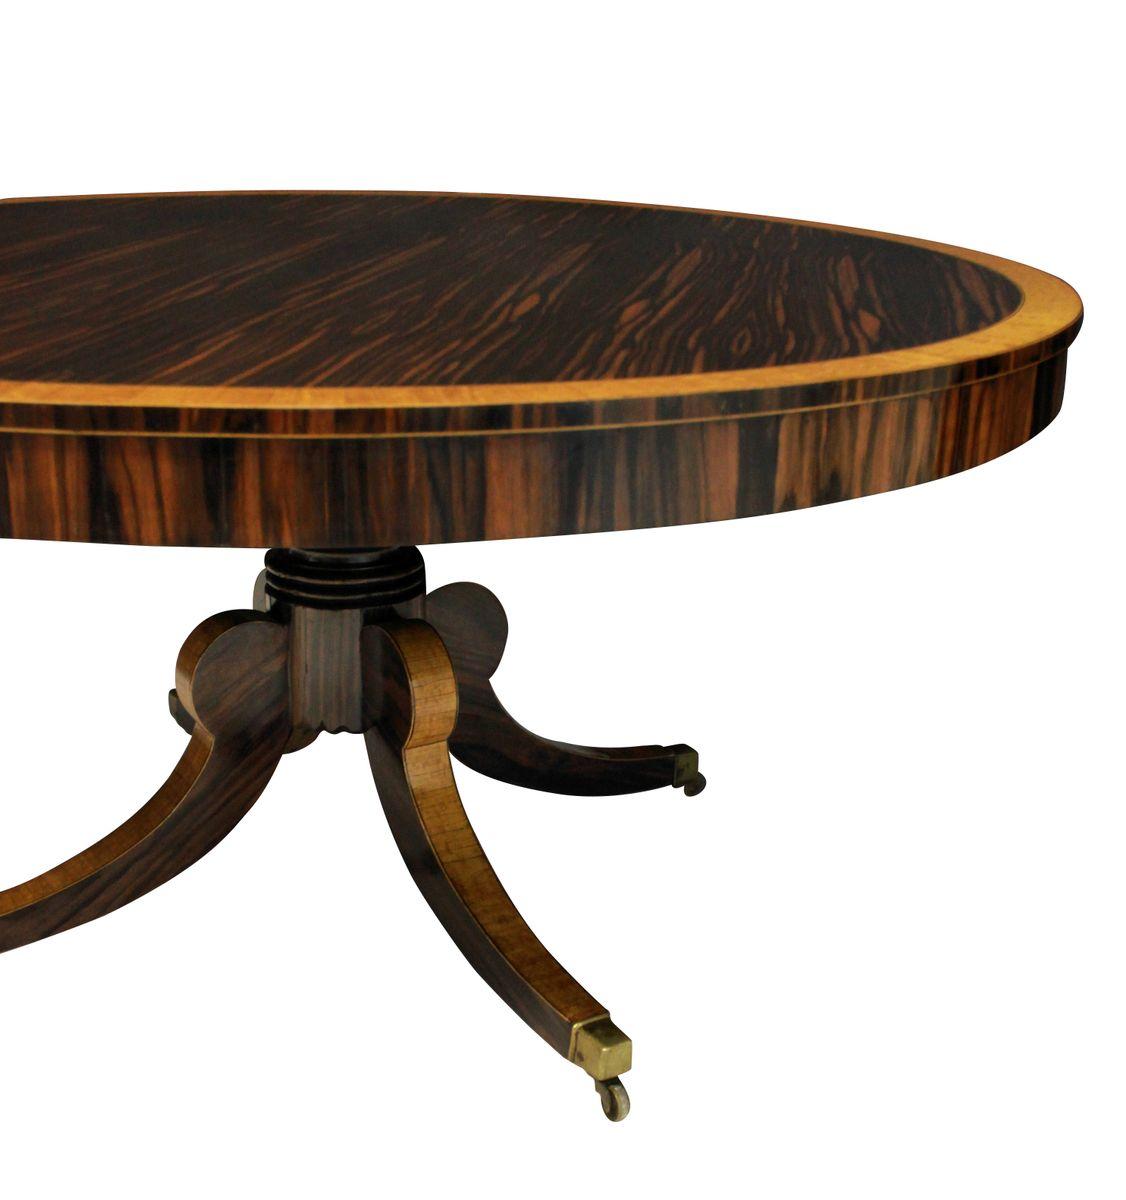 gro er englischer tisch in coromandel seidenholz 1820er bei pamono kaufen. Black Bedroom Furniture Sets. Home Design Ideas